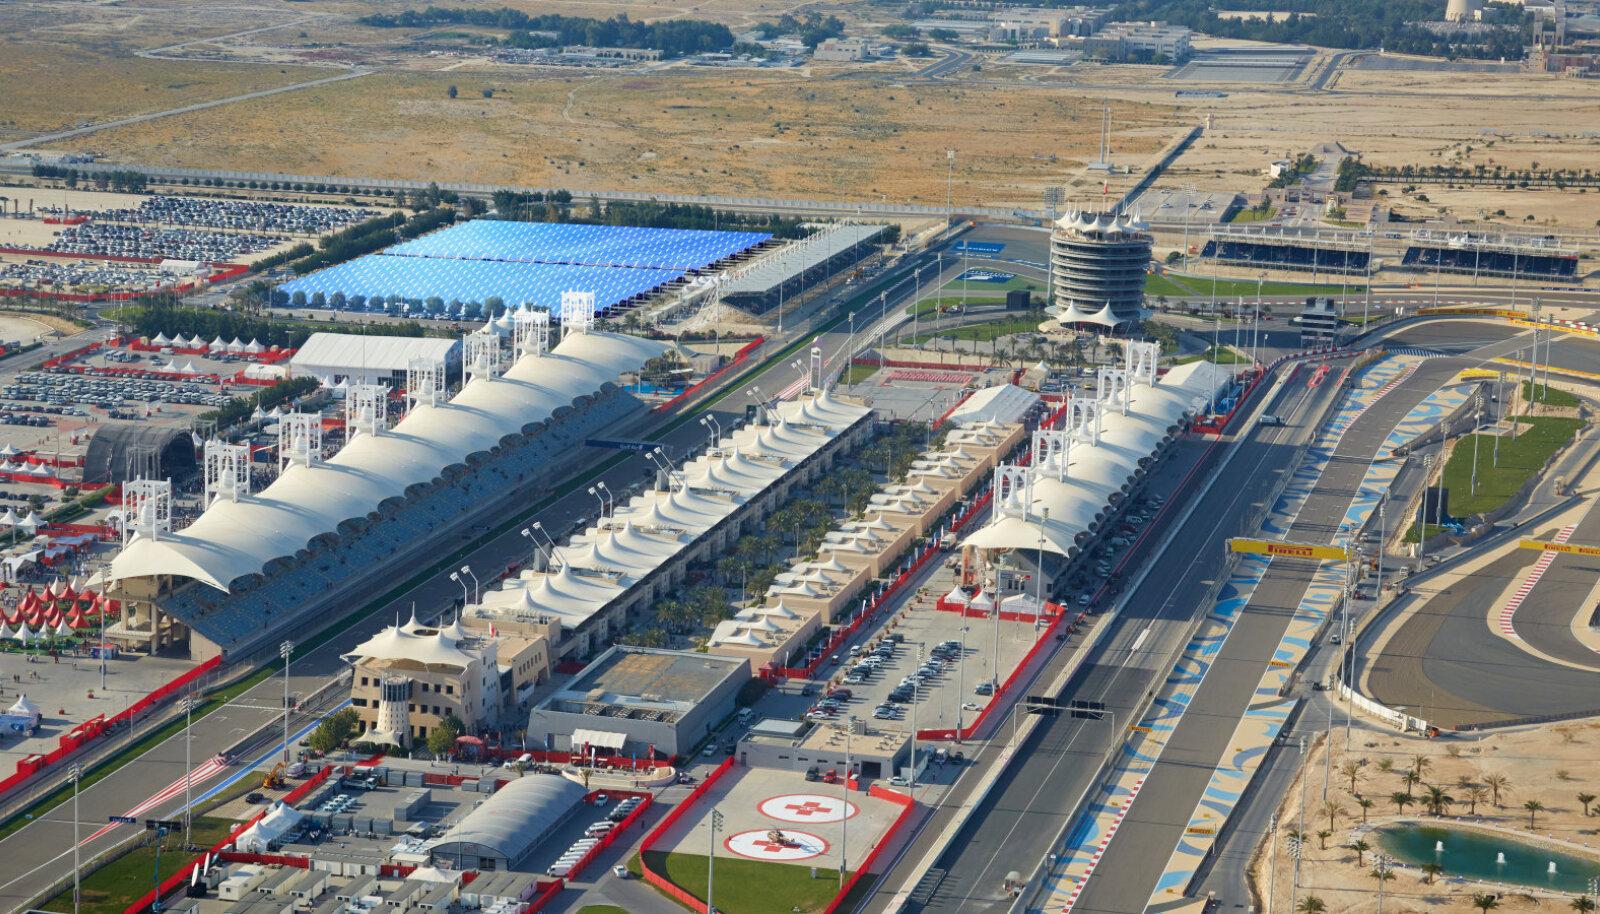 Aerofoto Bahreini Sakhiri ringrajast.